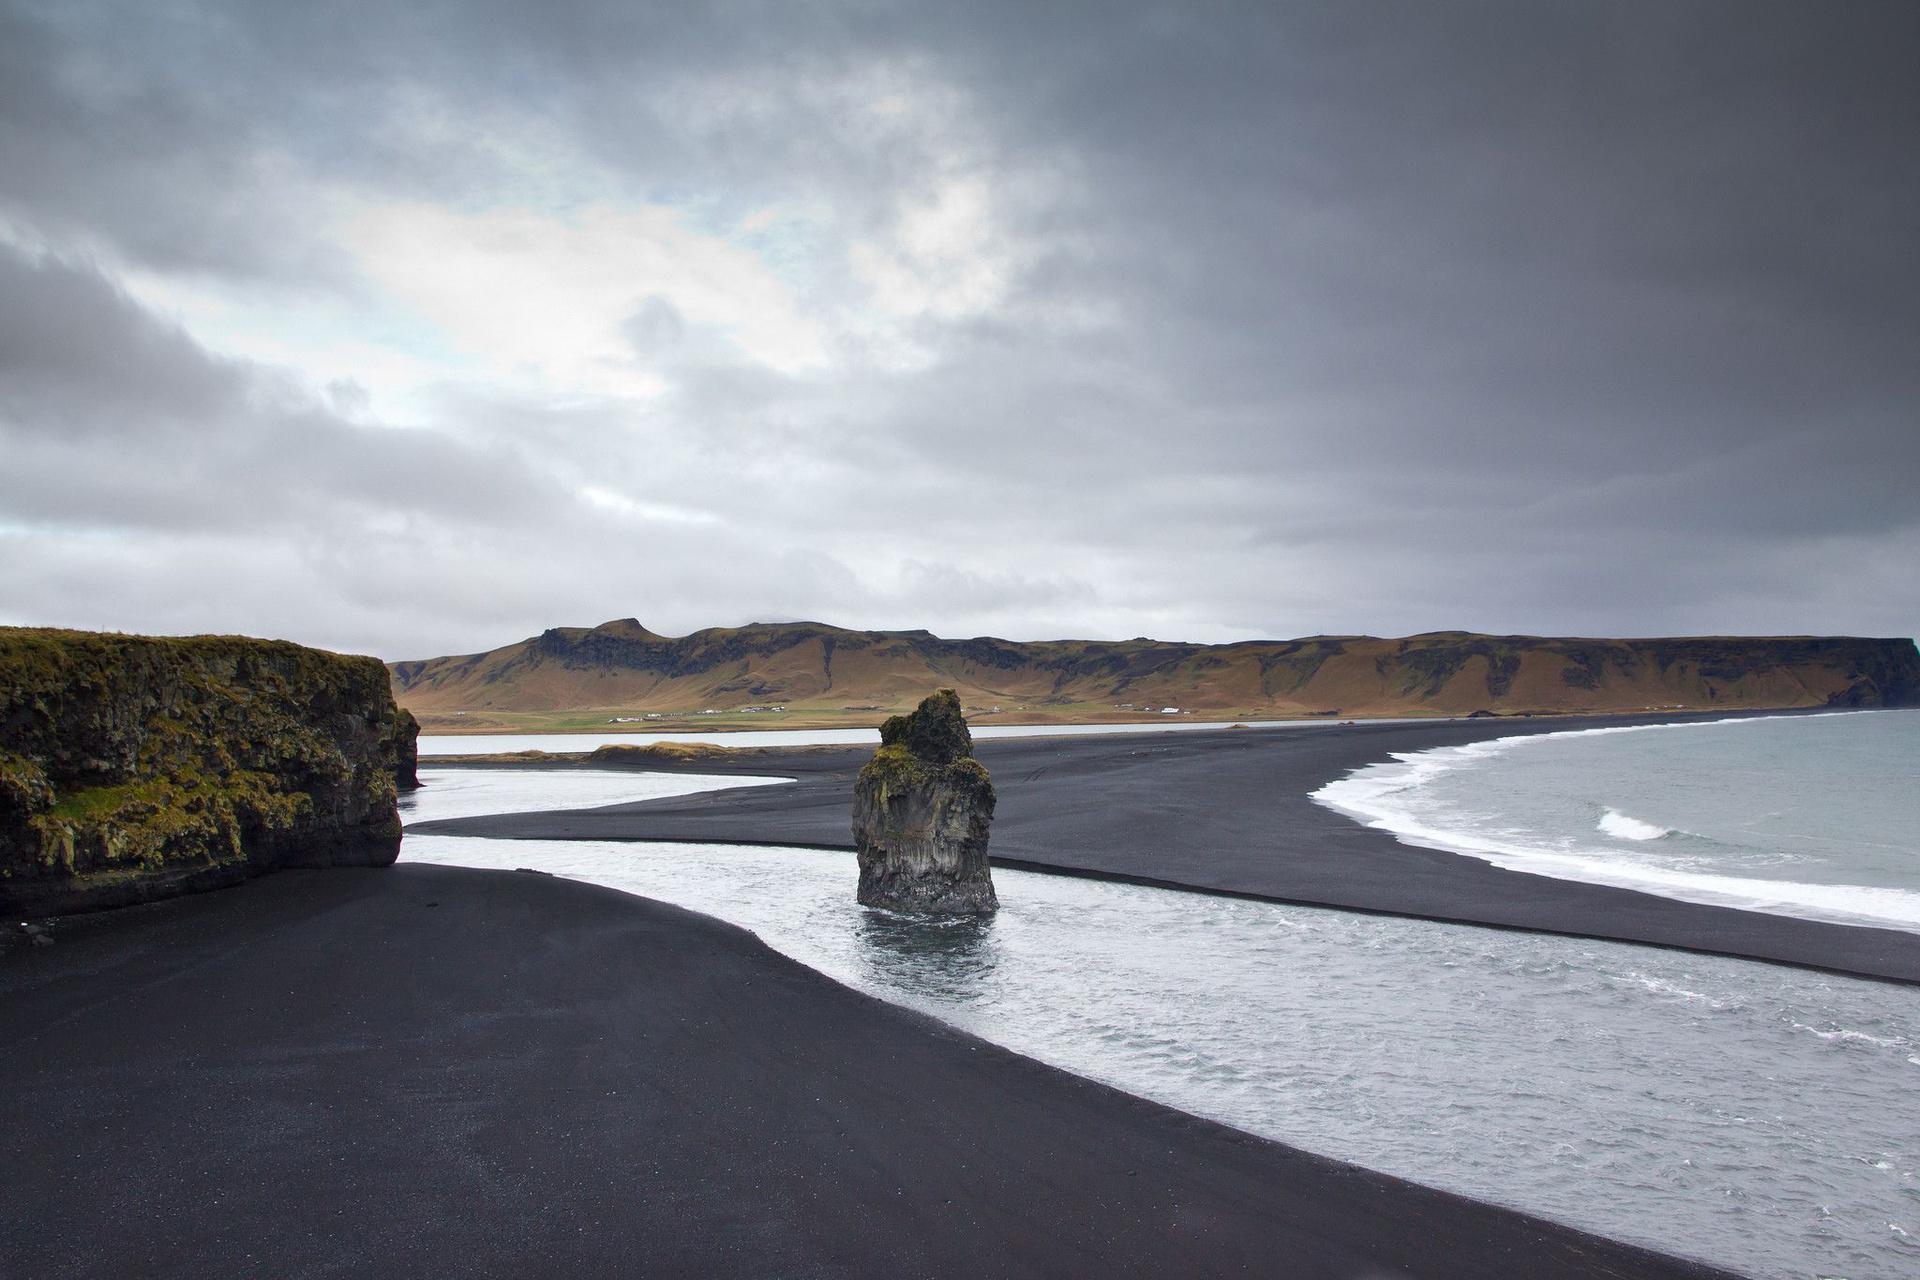 Bãi biển cát đen (Iceland): Dù không phải bãi biển cát đen núi lửa duy nhất ở Iceland, Reynisfjara lại đặc biệt nhờ được quanh bởi cao nguyên hùng vĩ, các vách đá dựng đứng và vòm đá bazan huyền bí. Biển nằm ở miền Nam Iceland, cách thủ đô Reykjavik 177 km là một trong những địa điểm quay bộ phim Game of Thrones. Do đặc tính dữ dội của những con sóng, nơi đây không thích hợp để bơi lội. Bạn có thể thử trèo lên các cột đá bazan chụp ảnh và ngắm cảnh. Ảnh: Pinterest.